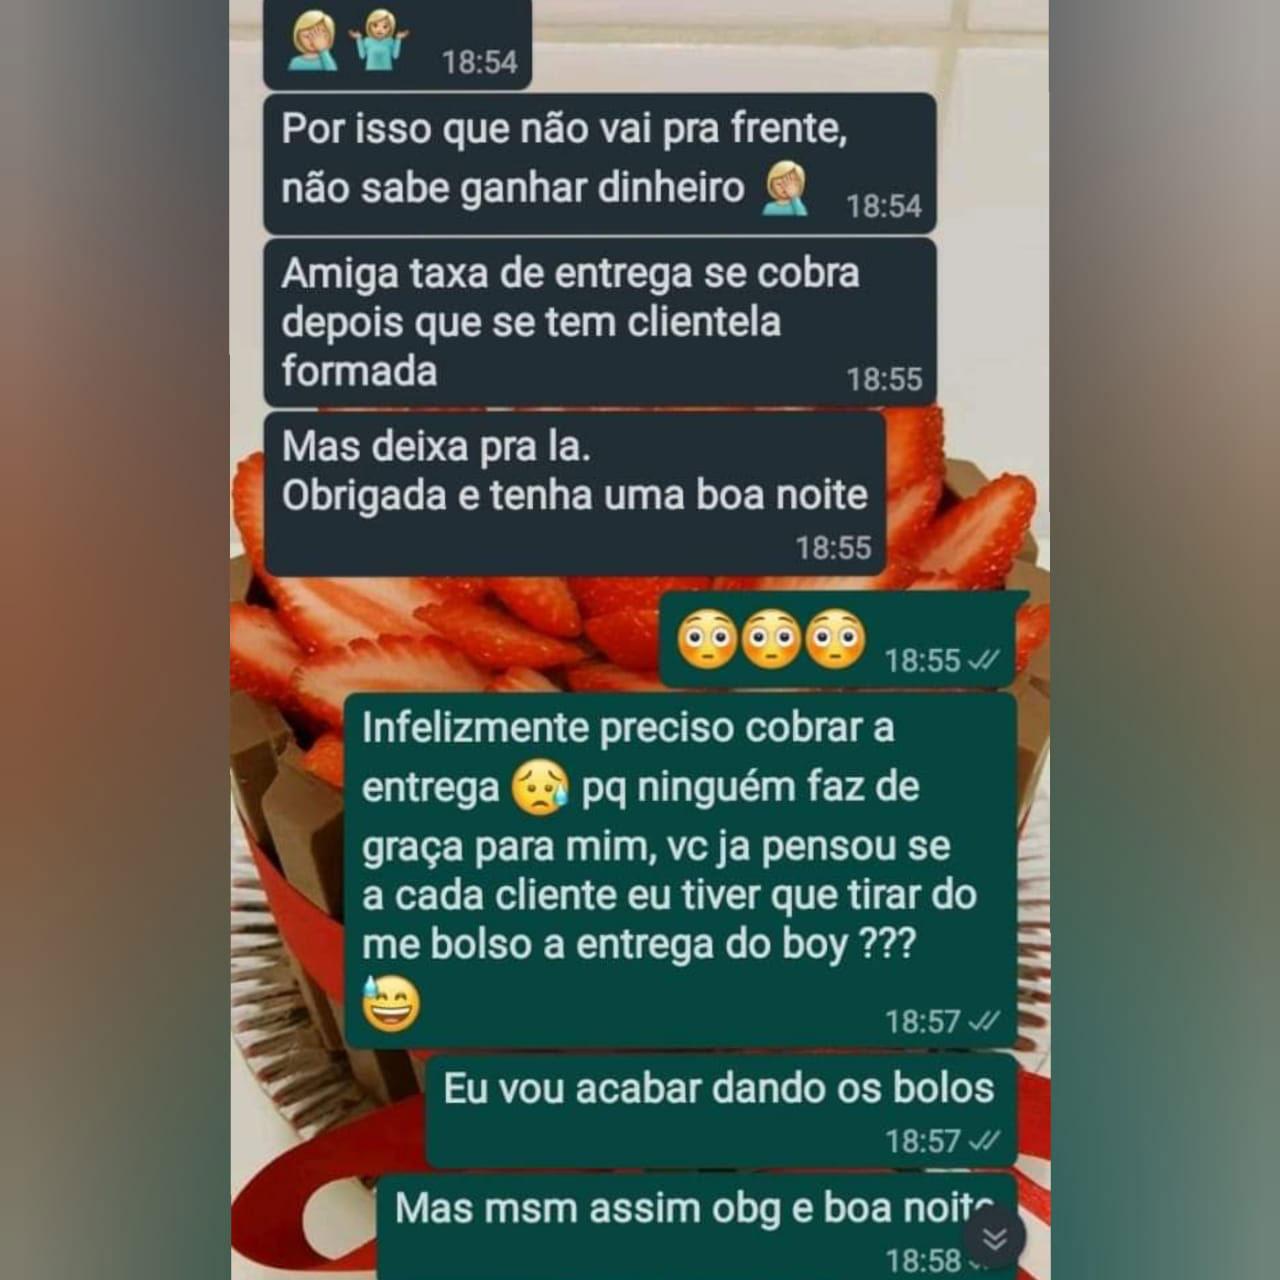 conversa whatsapp confeiteira humilhada cliente reclamou taxa entrega bolo